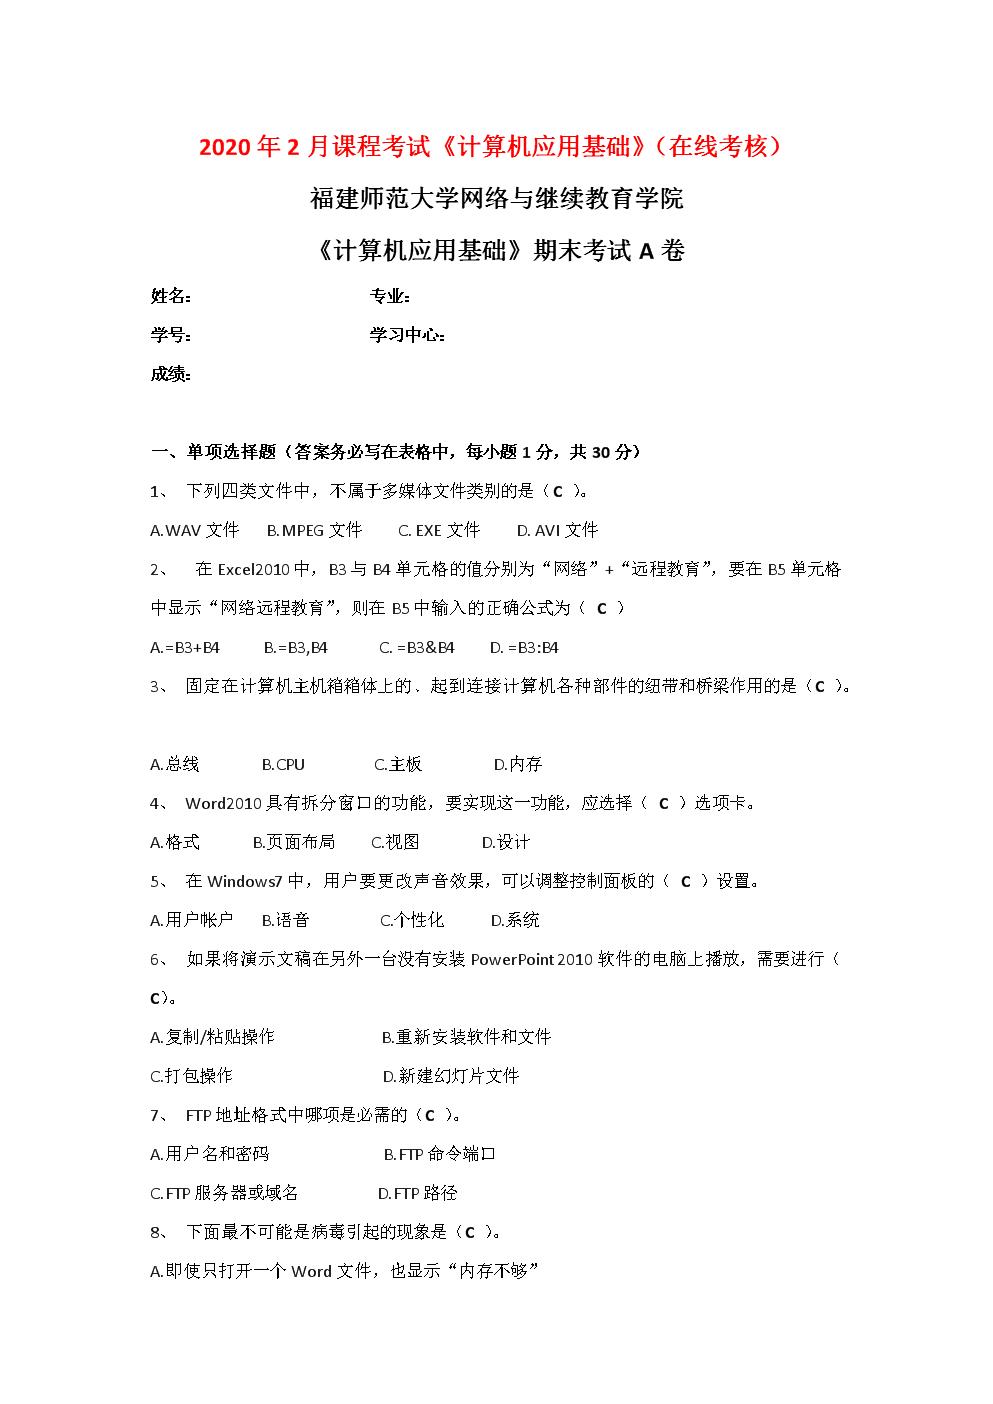 福建师范大学2020年2月课程考试《计算机应用基础》期末试卷A(在线考核)答案.docx